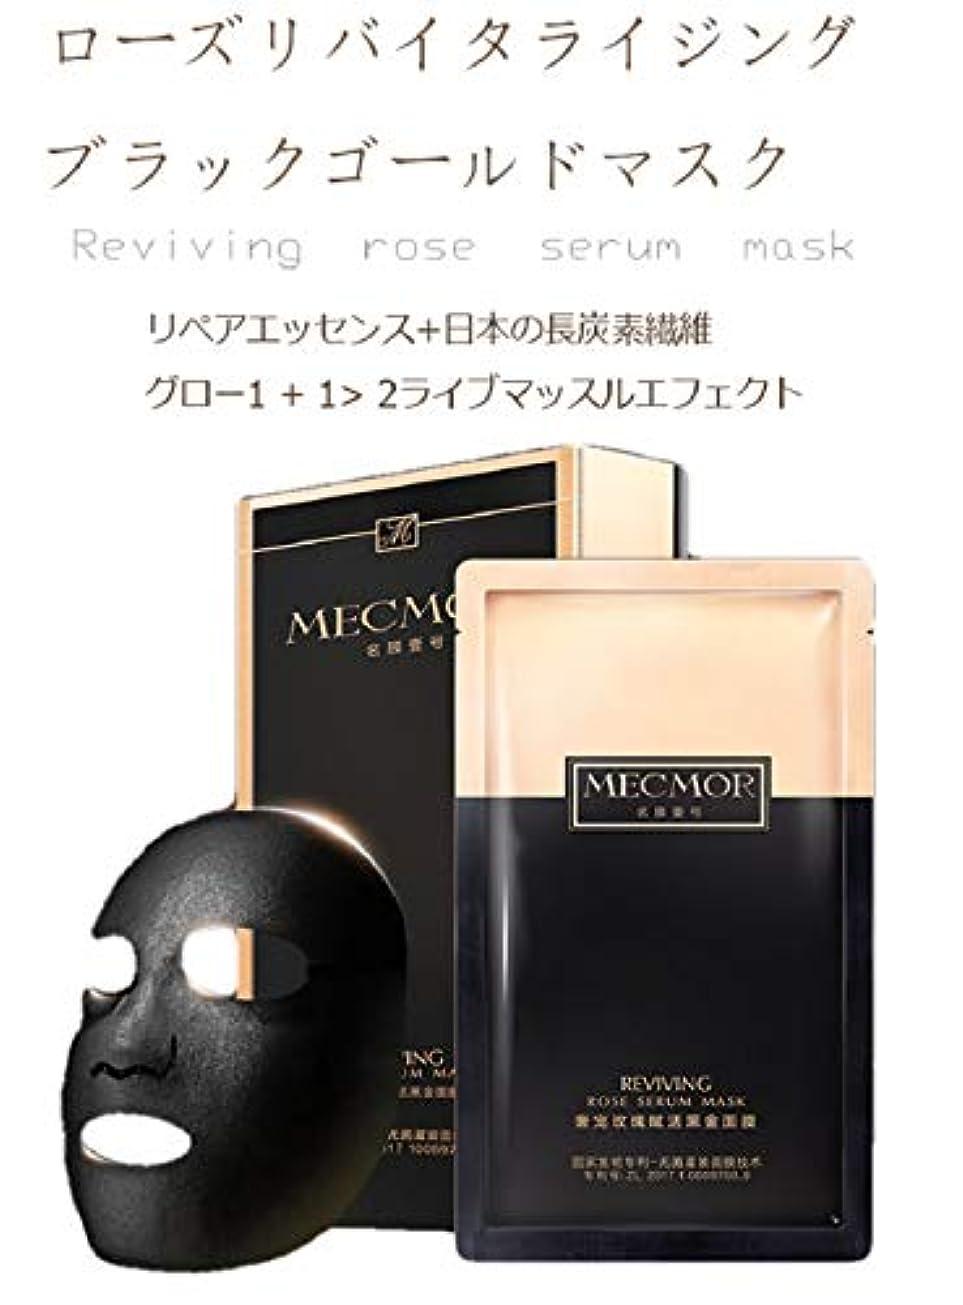 仮装黒板未満MECMORローズブラックゴールドマスク おすすめ無添加エッセンスマスク 肌荒れマスキング